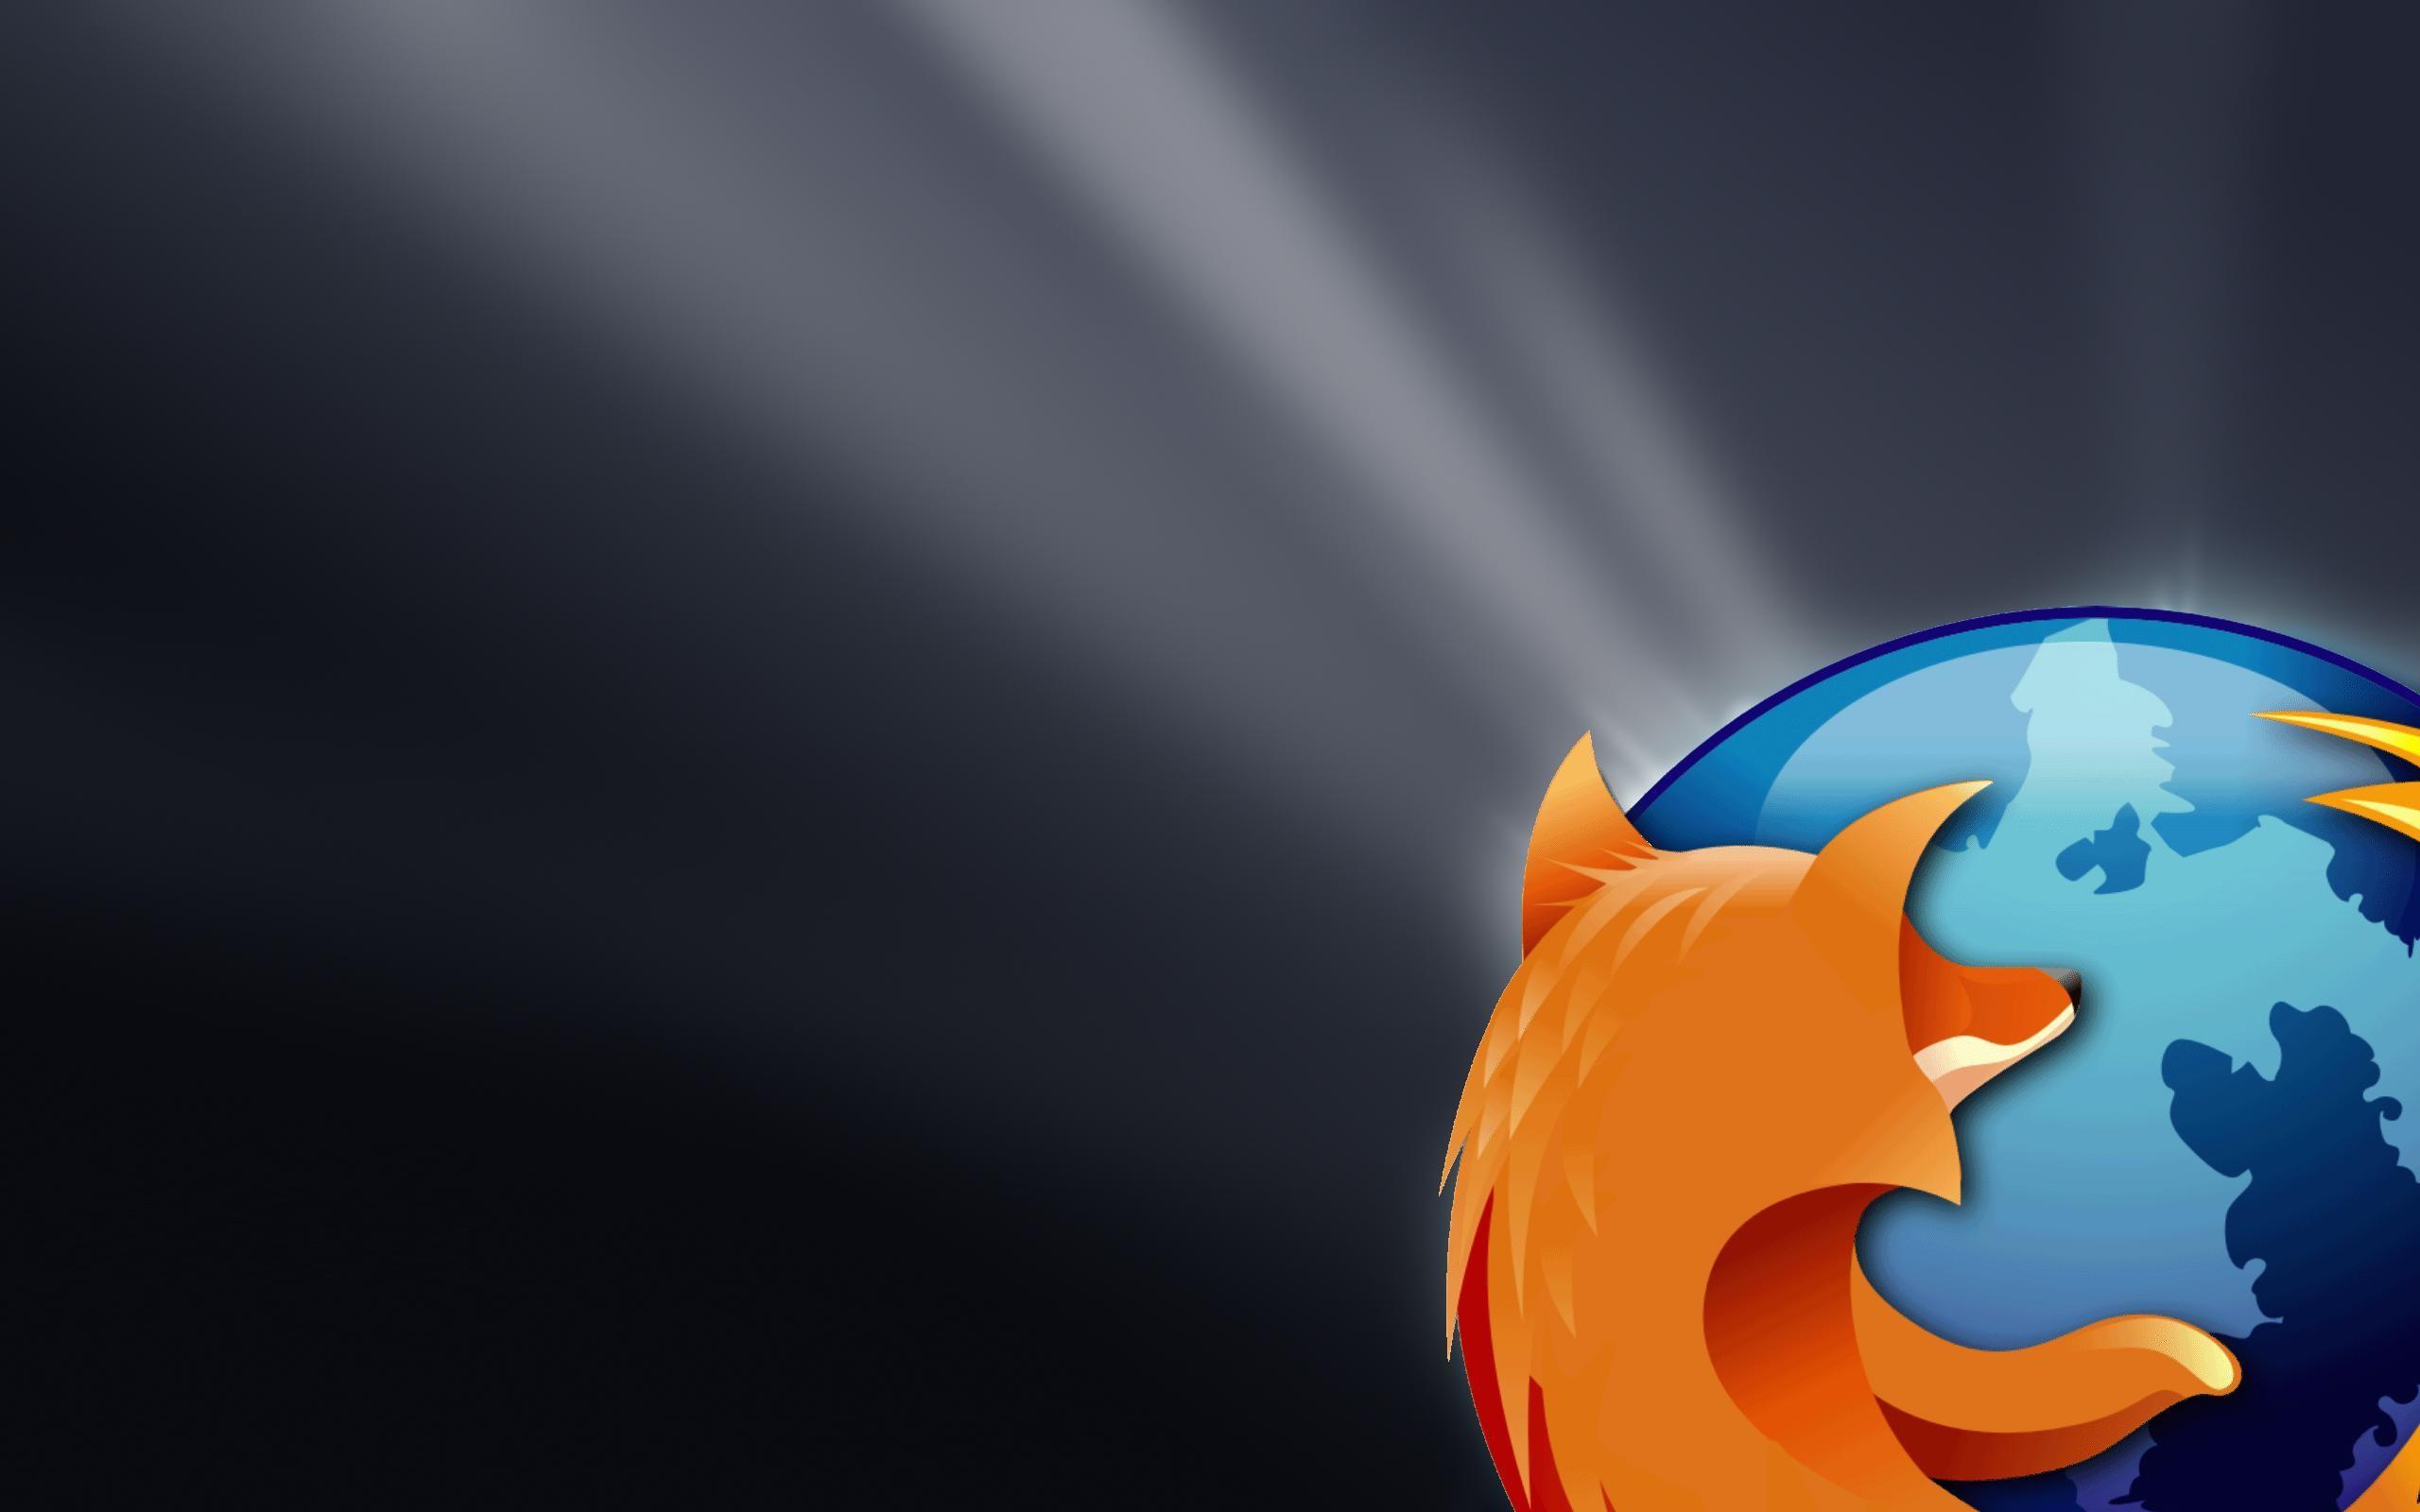 Firefox Wallpaper | Wallpaper Download